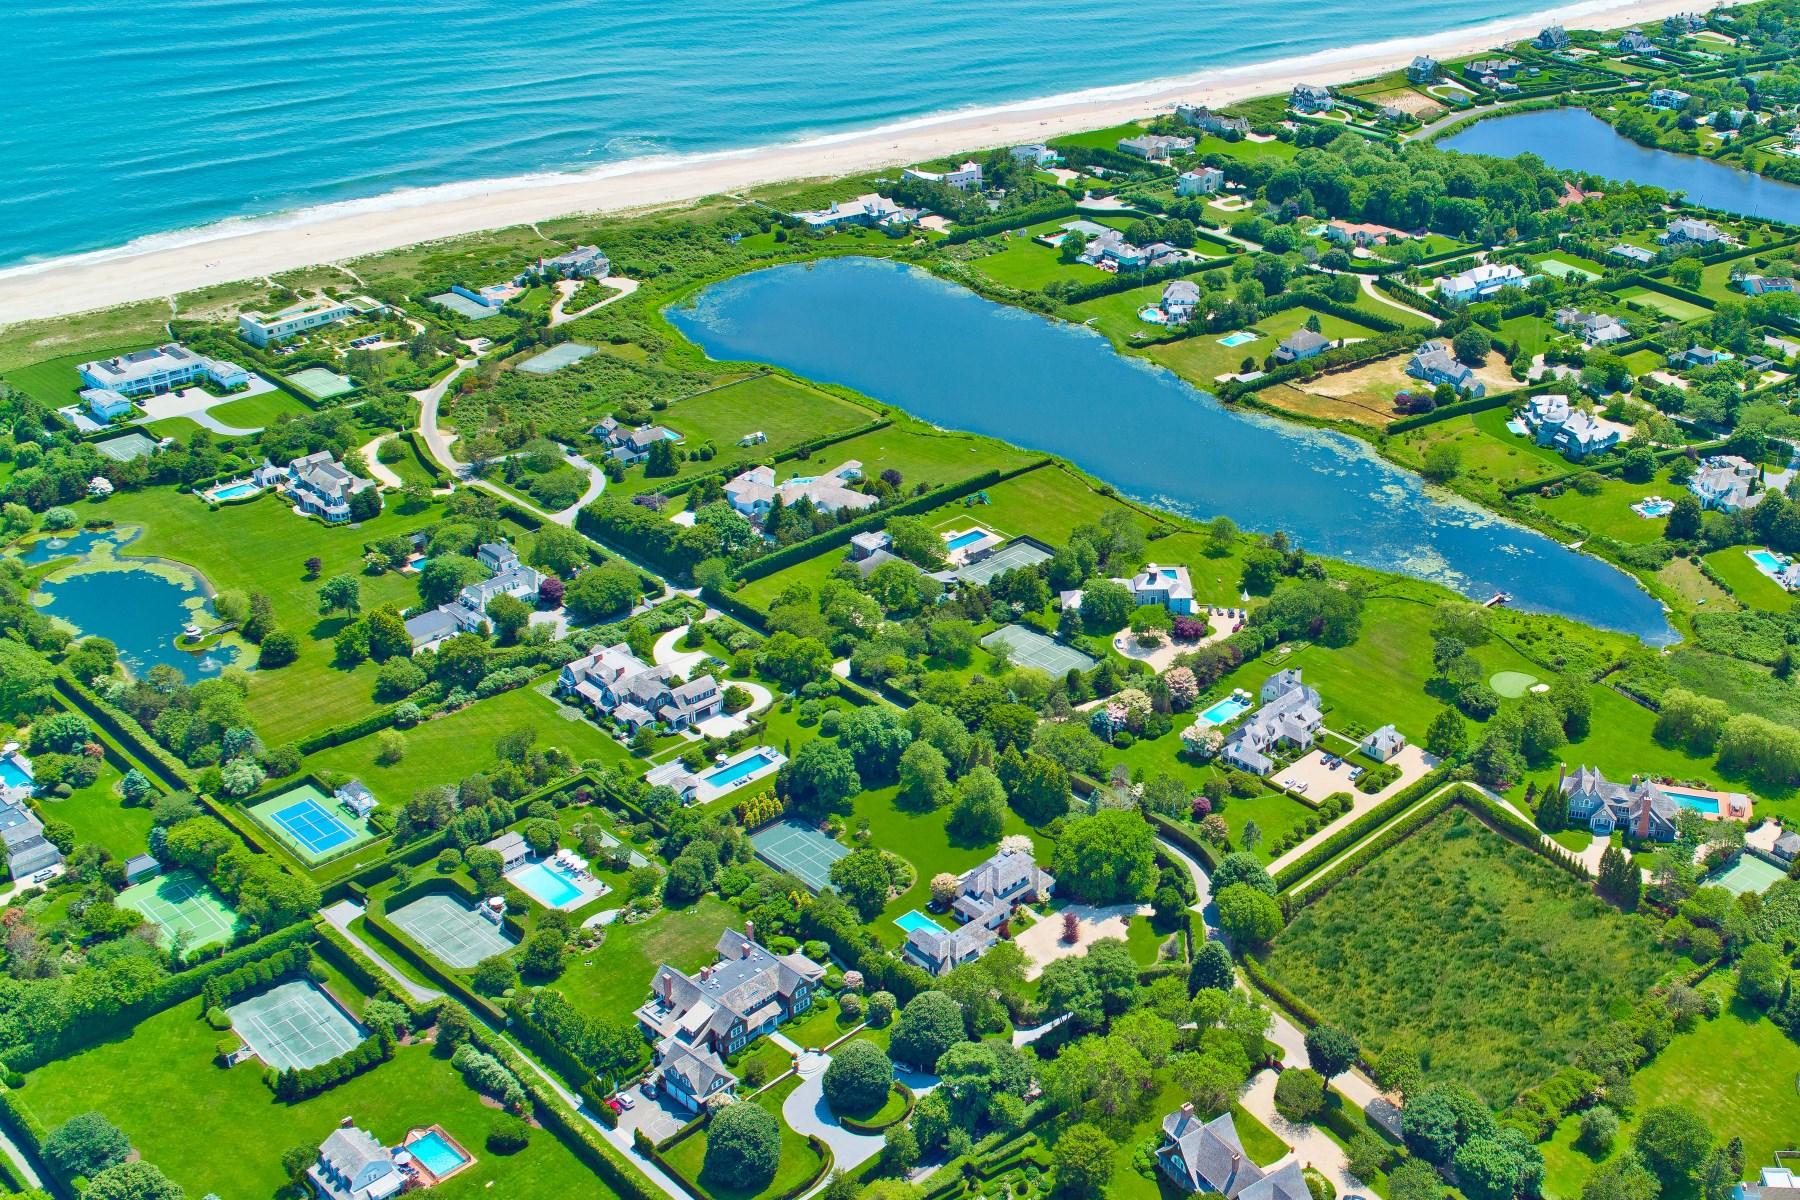 Maison unifamiliale pour l Vente à Southampton Estate with Ocean Access Southampton, New York, 11968 États-Unis